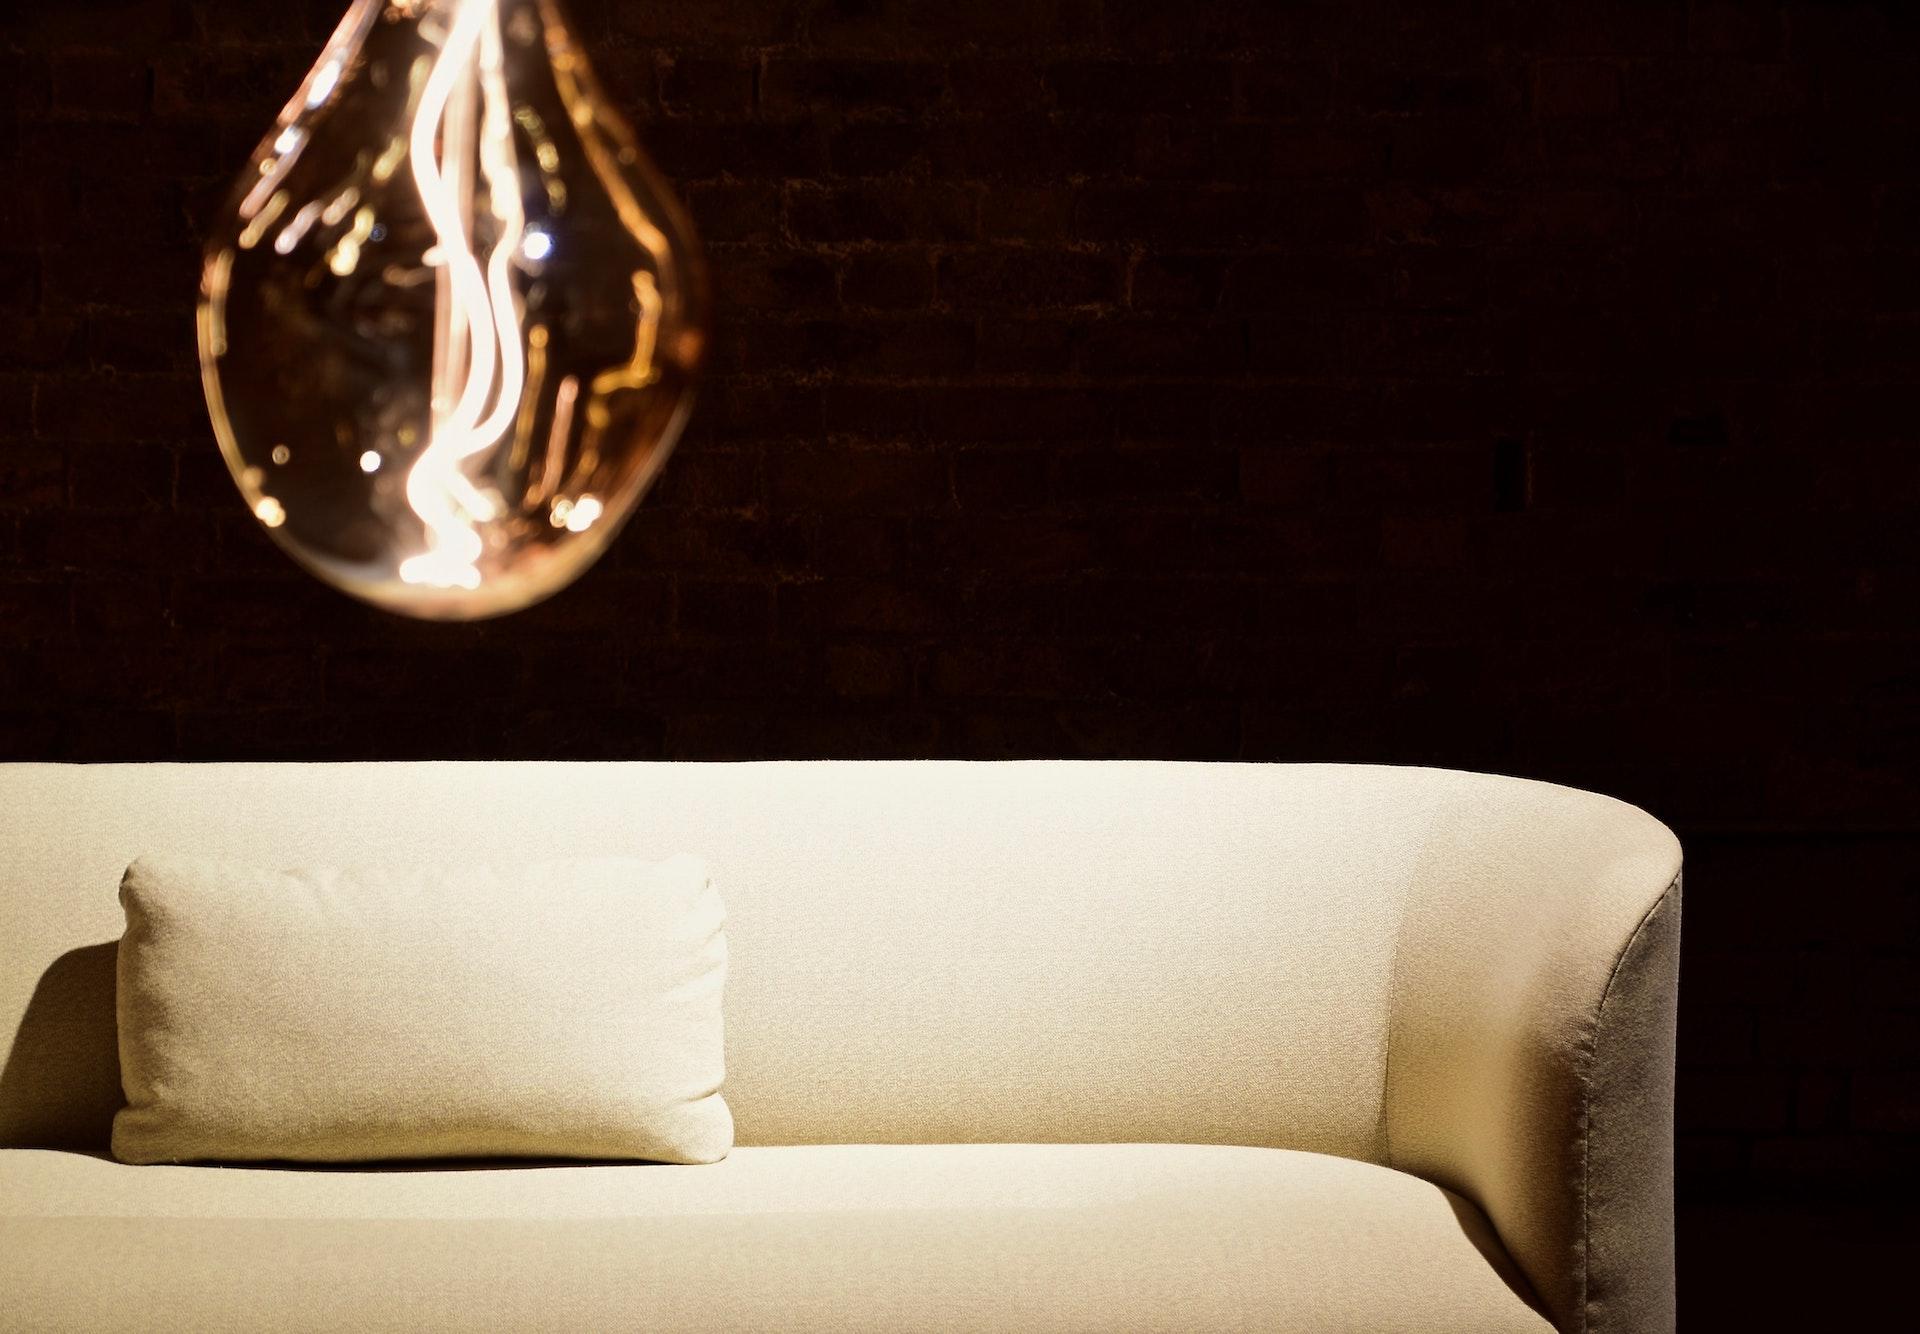 White Pillow on White Leather Sofa